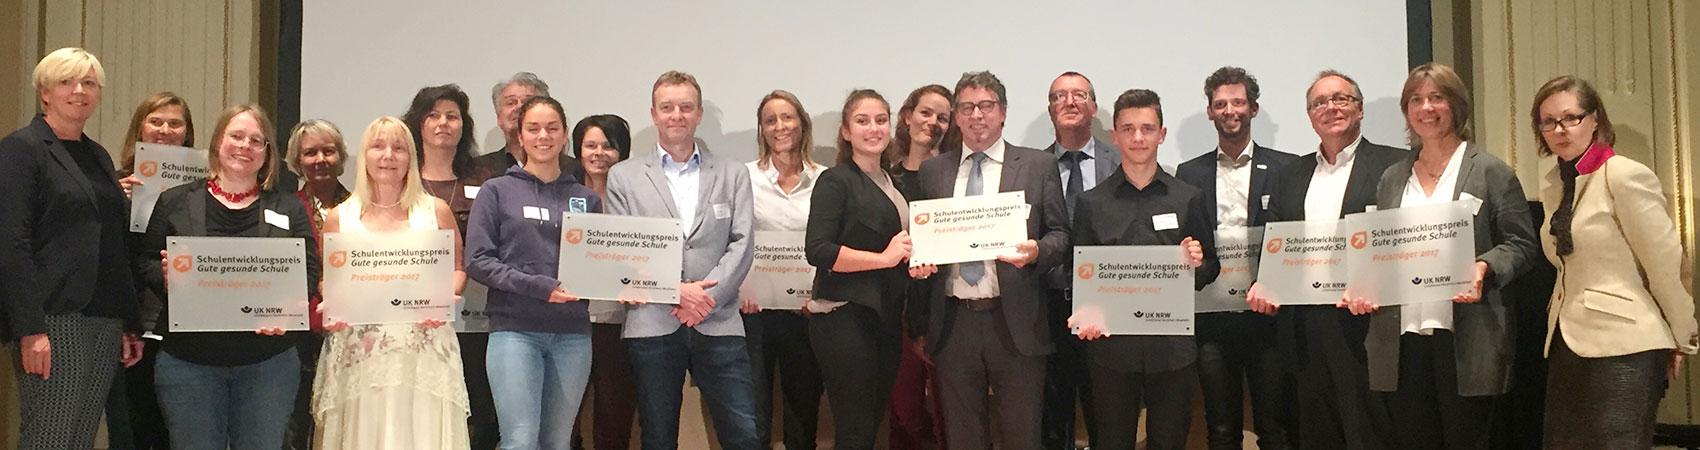 Das Richard-Riemerschmid-Berufskolleg für Gestaltung der Stadt Köln erhält den höchst dotierten Schulpreis (September 2017).